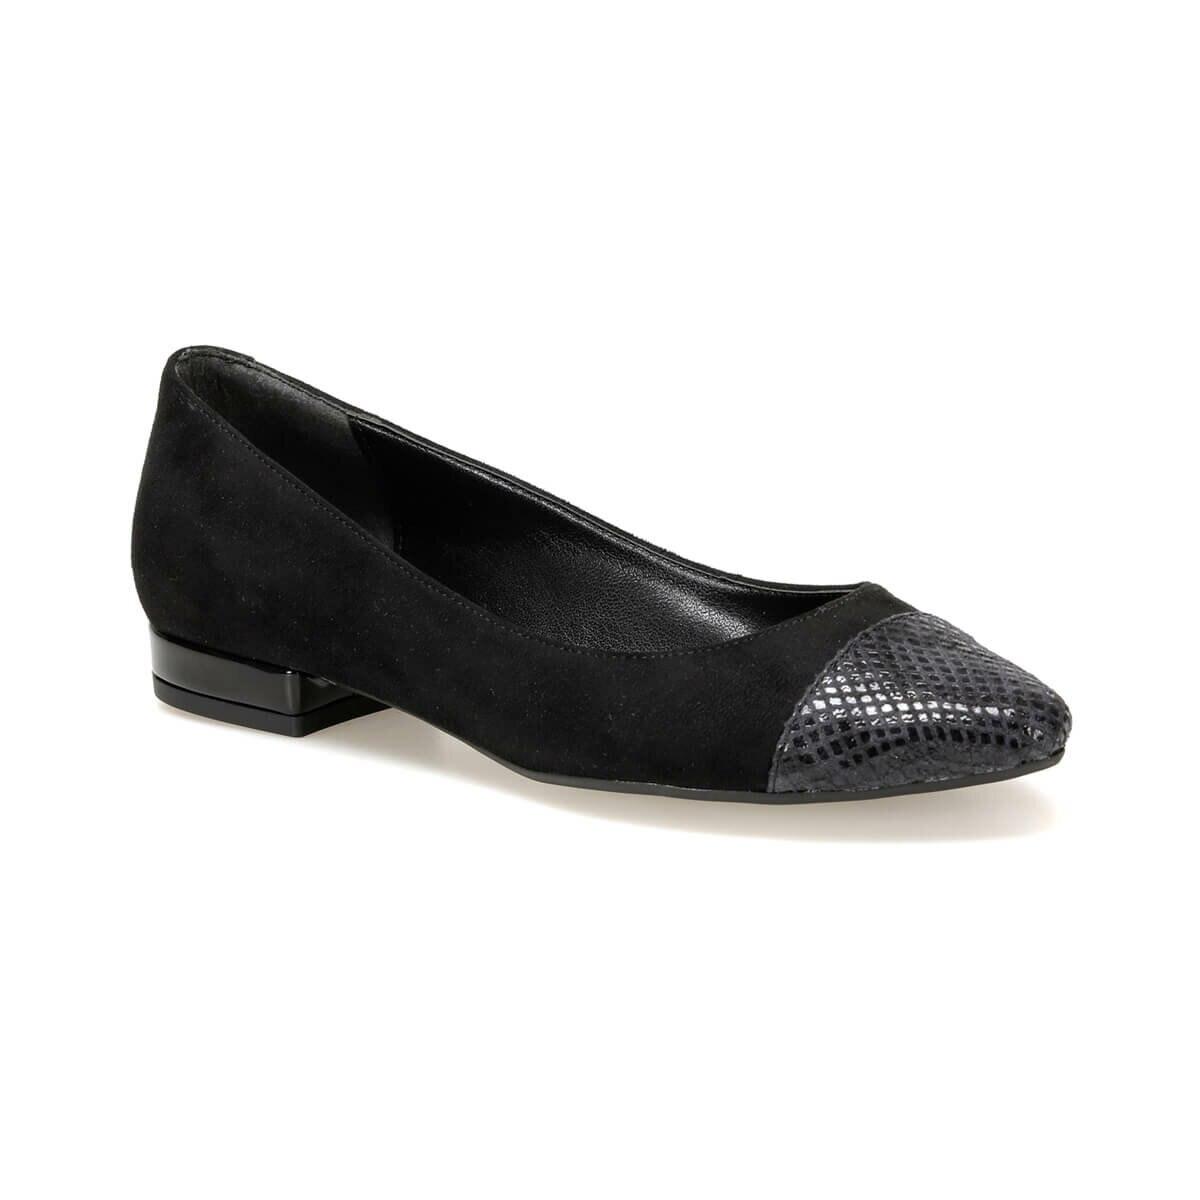 FLO DW19001 Black Women Shoes Miss F